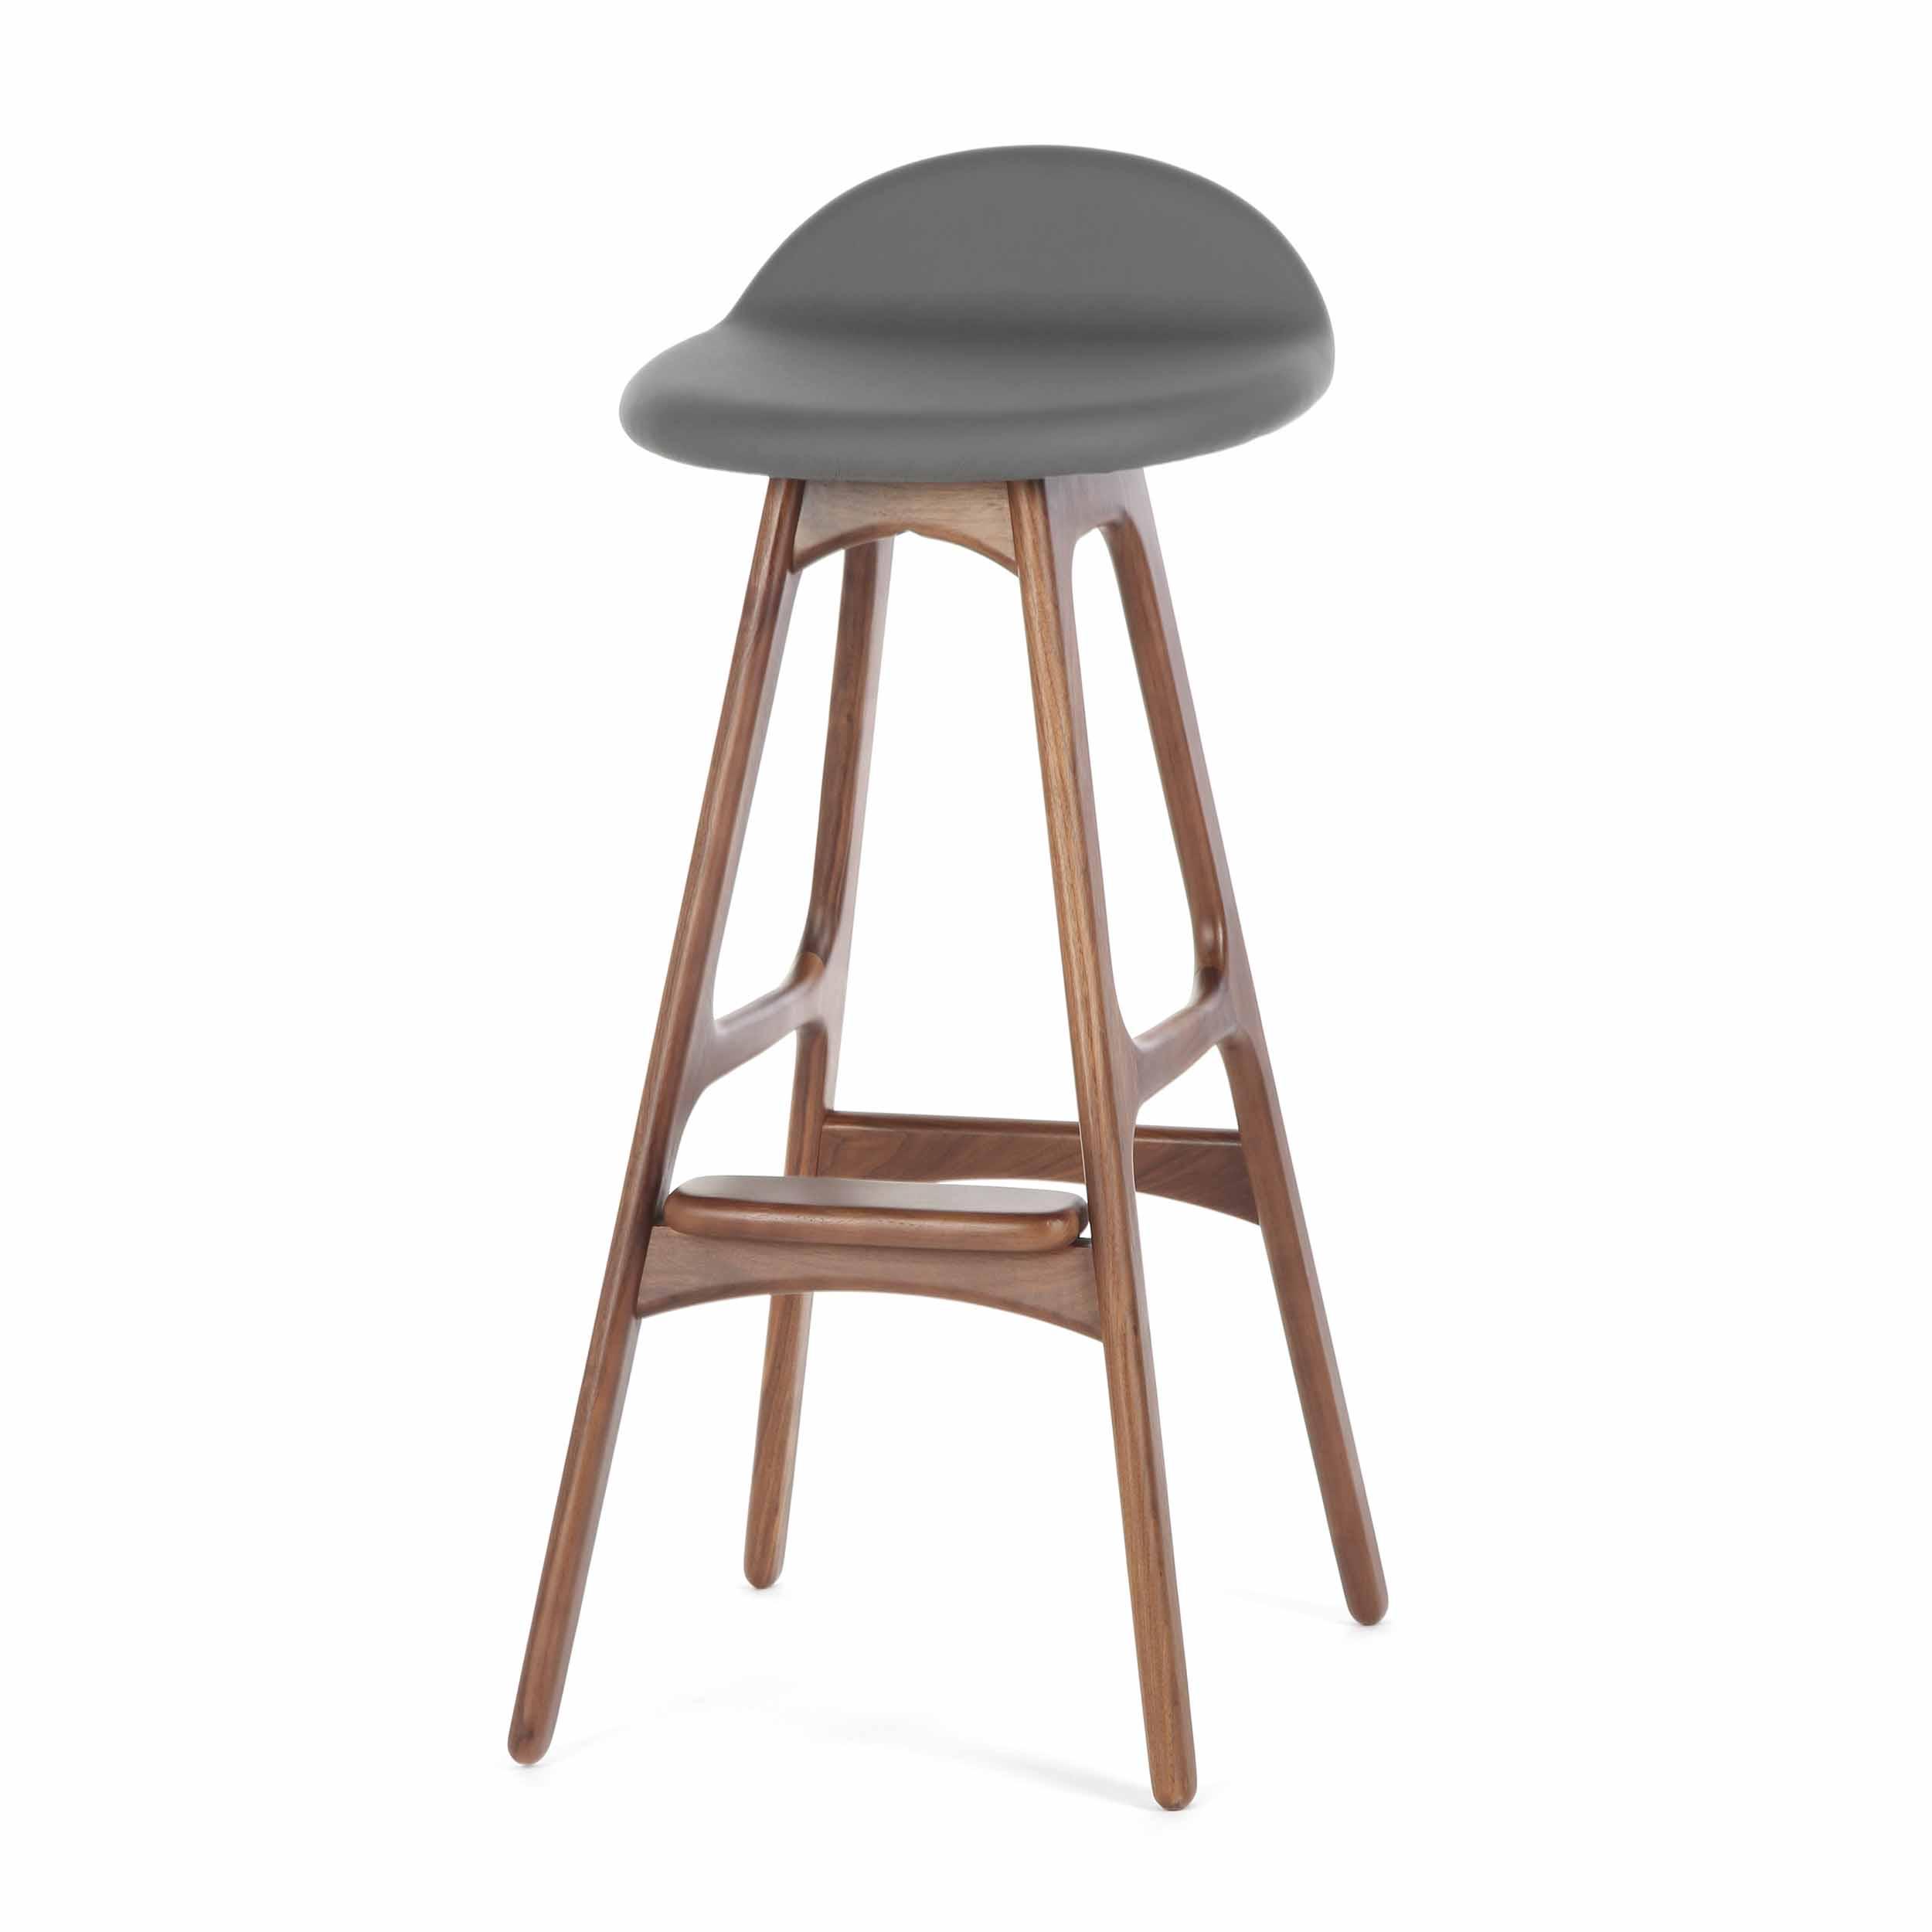 Барный стул Buch 3Барные<br>Дизайнерский барный стул Buch (Буш) без подлокотников на деревянных ножках от Cosmo (Космо).<br> Высокий барный стул Buch 3 создан еще в 1960 году дизайнером Эриком Буком, который посвятил всю свою жизнь дизайну и архитектуре. У Эрика Бука было свыше 30 коммерчески успешных дизайн-проектов, среди которых самым успешным стал именно этот барный стул, который нашел свое место в миллионах домов по всему миру. Сегодня же стулья, сконструированные Эриком Буком, по-прежнему производятся на фабриках в...<br><br>stock: 32<br>Высота: 85,5<br>Высота сиденья: 75<br>Ширина: 40<br>Глубина: 45<br>Цвет ножек: Орех<br>Материал ножек: Массив ореха<br>Материал сидения: Полиуретан<br>Цвет сидения: Темно-серый<br>Тип материала сидения: Кожа искусственная<br>Коллекция ткани: Premium Grade PU<br>Тип материала ножек: Дерево